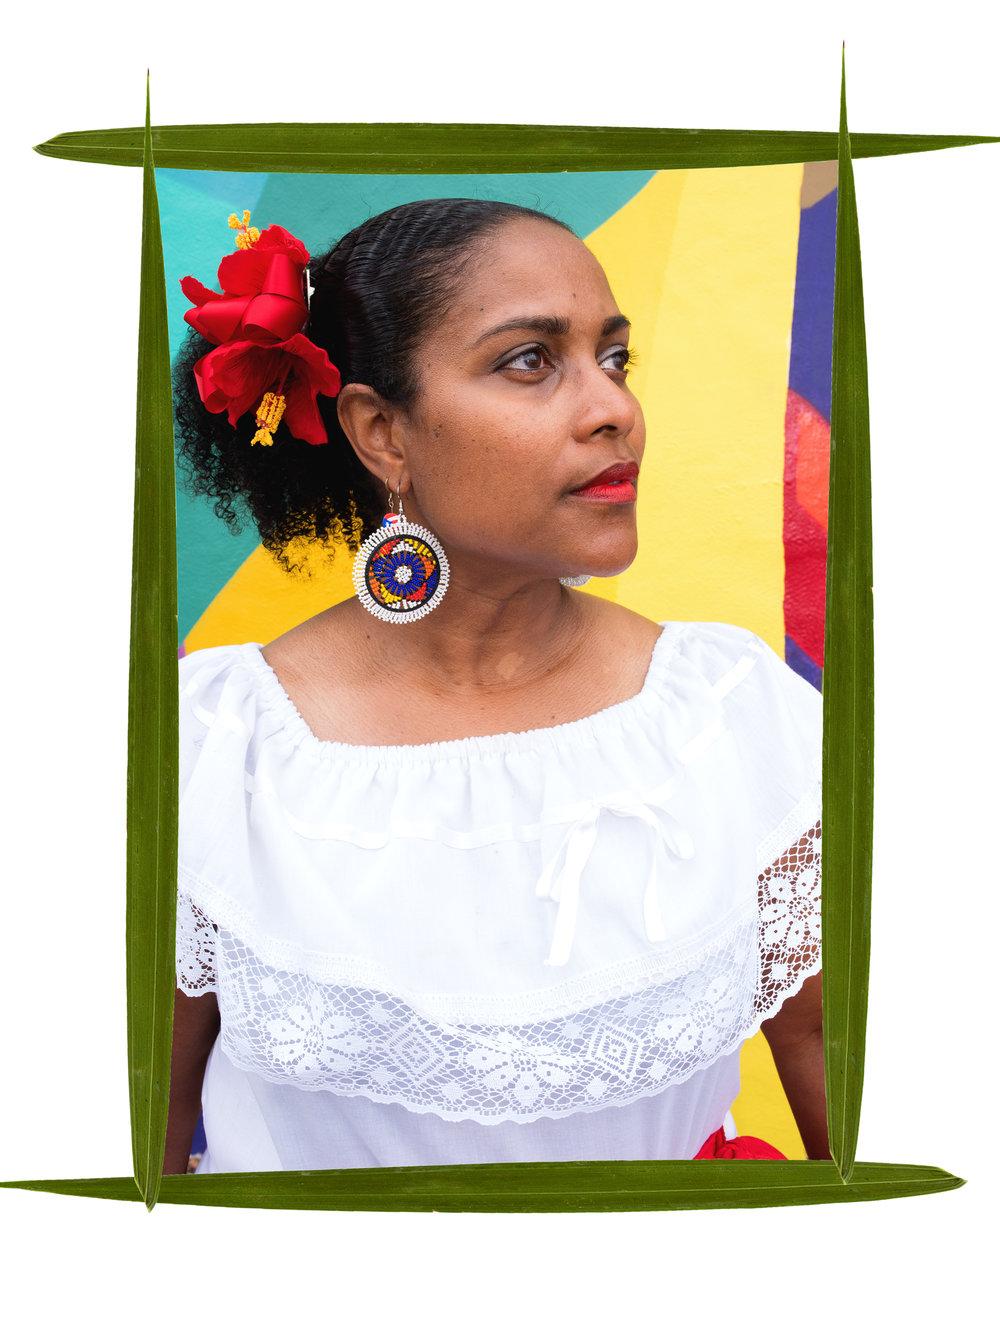 Angela Lugo-Thomas